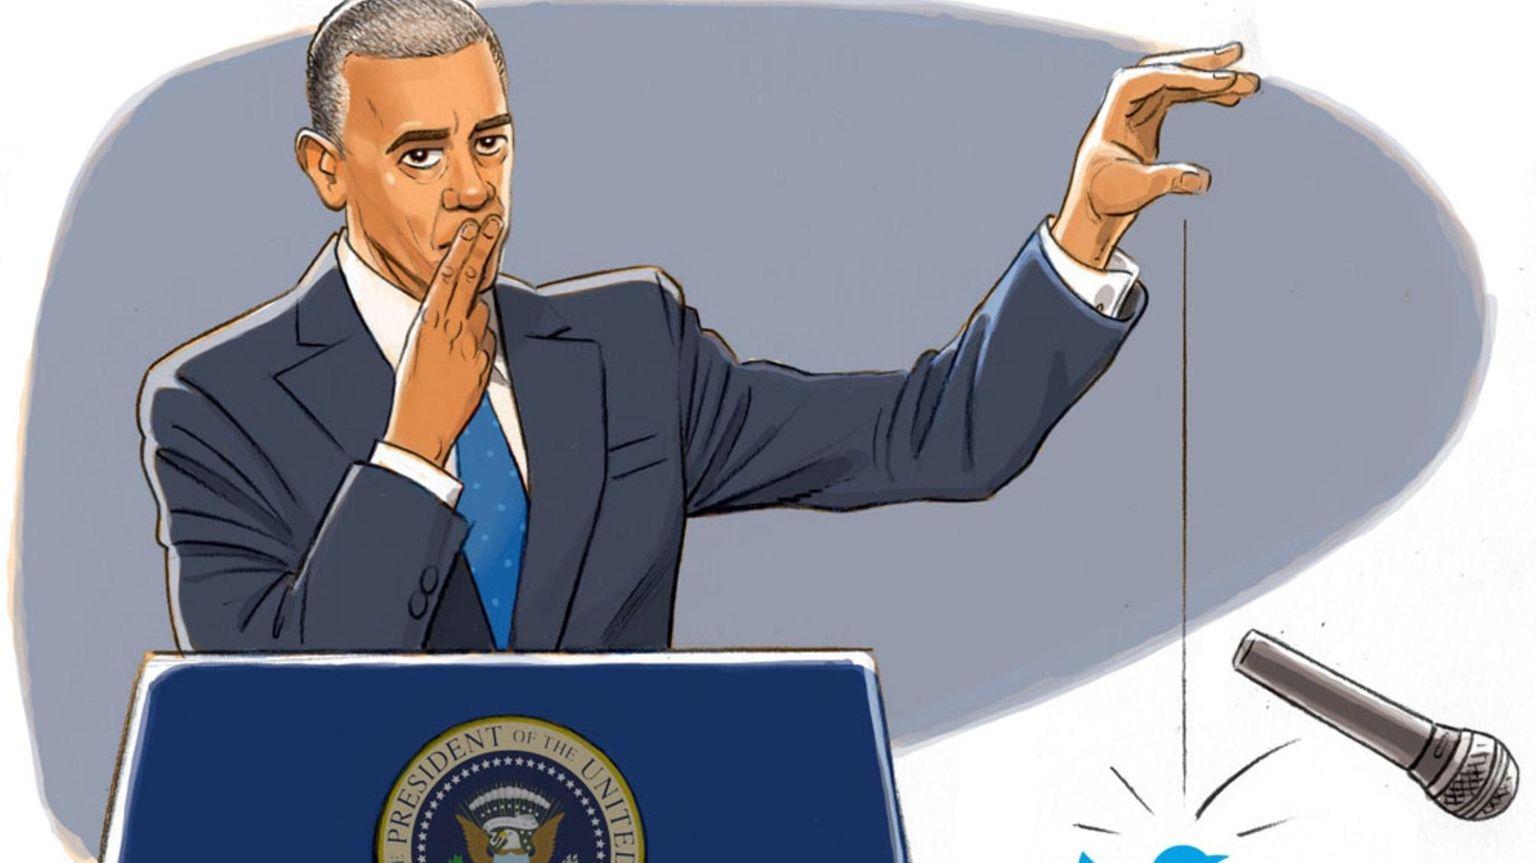 Cartoons: The Obama presidency